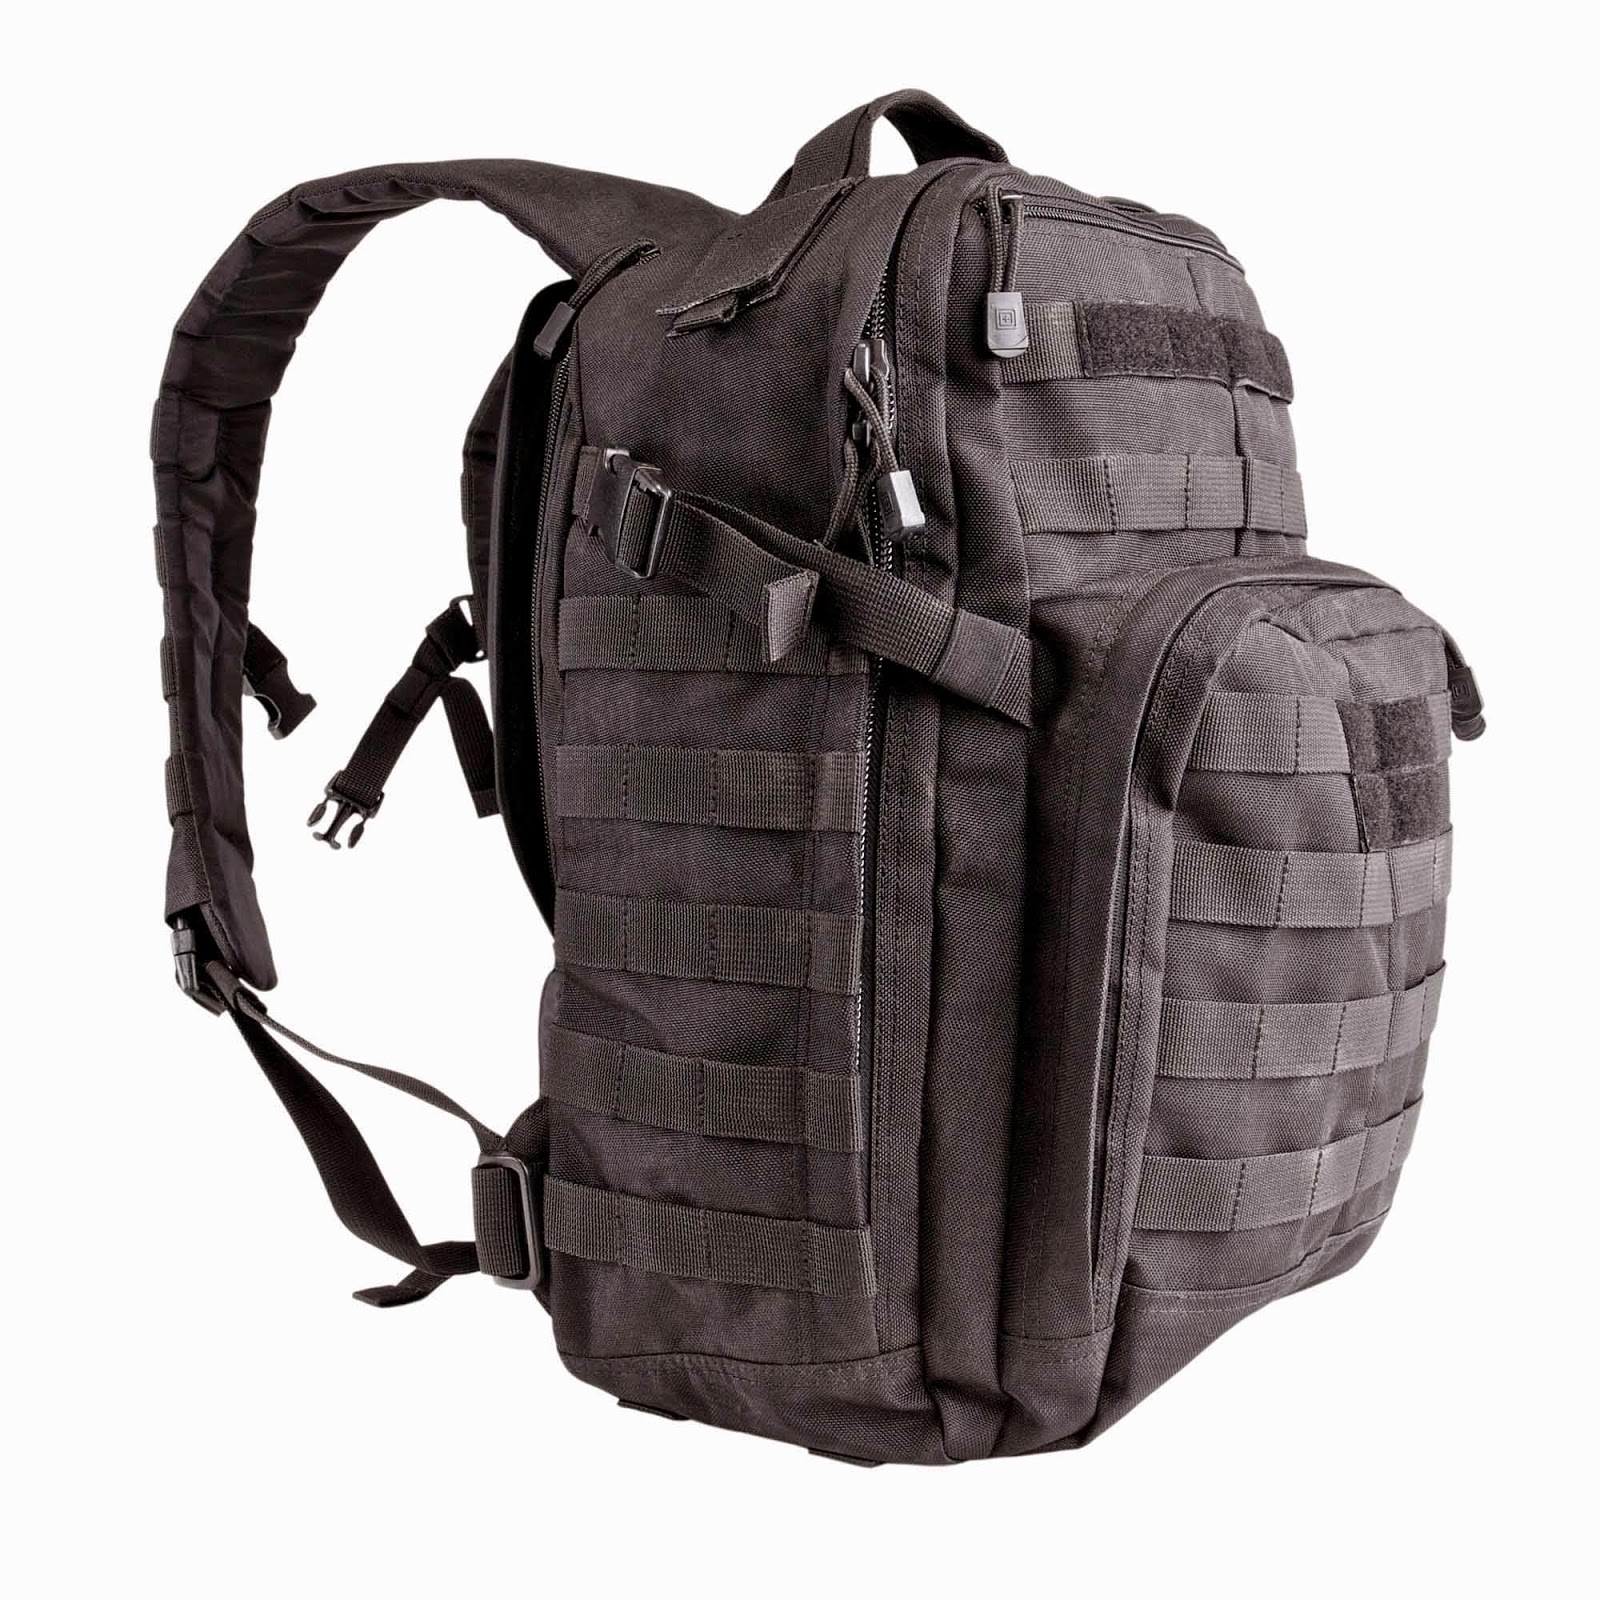 sacs dos tactiques rush 12 vs tt combat pack. Black Bedroom Furniture Sets. Home Design Ideas